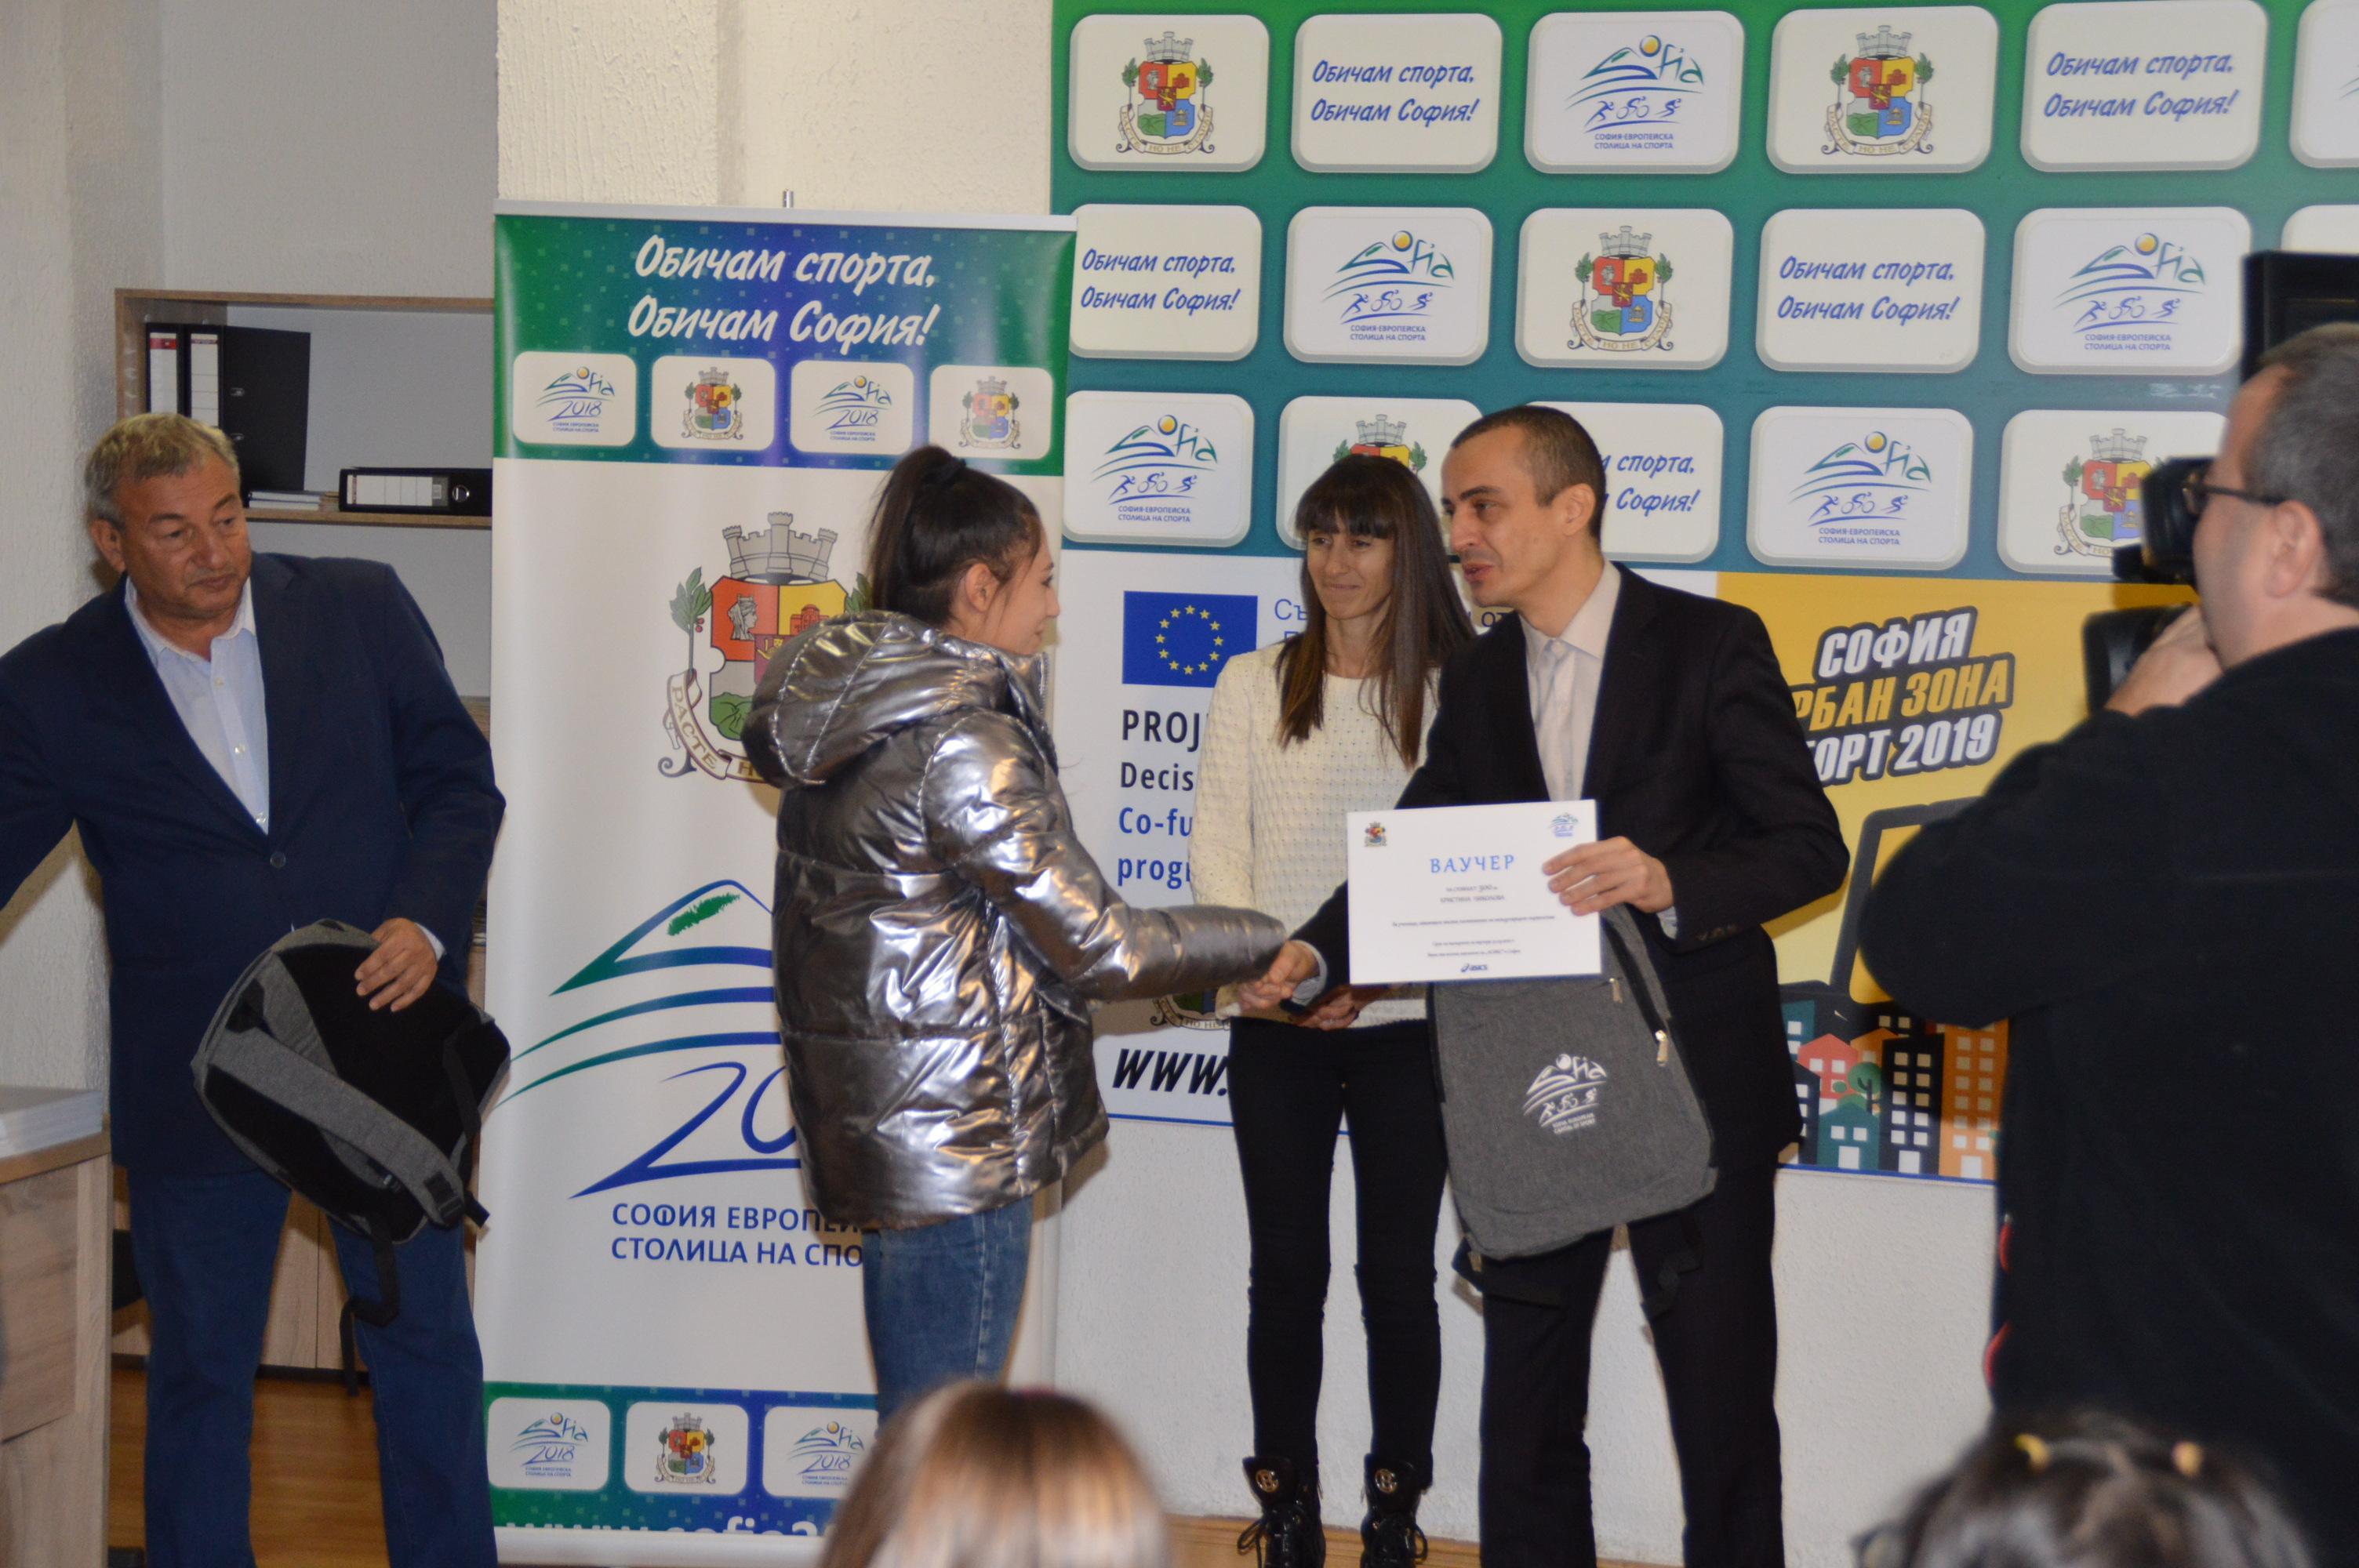 Талантливи млади спортисти бяха наградени от Столична община